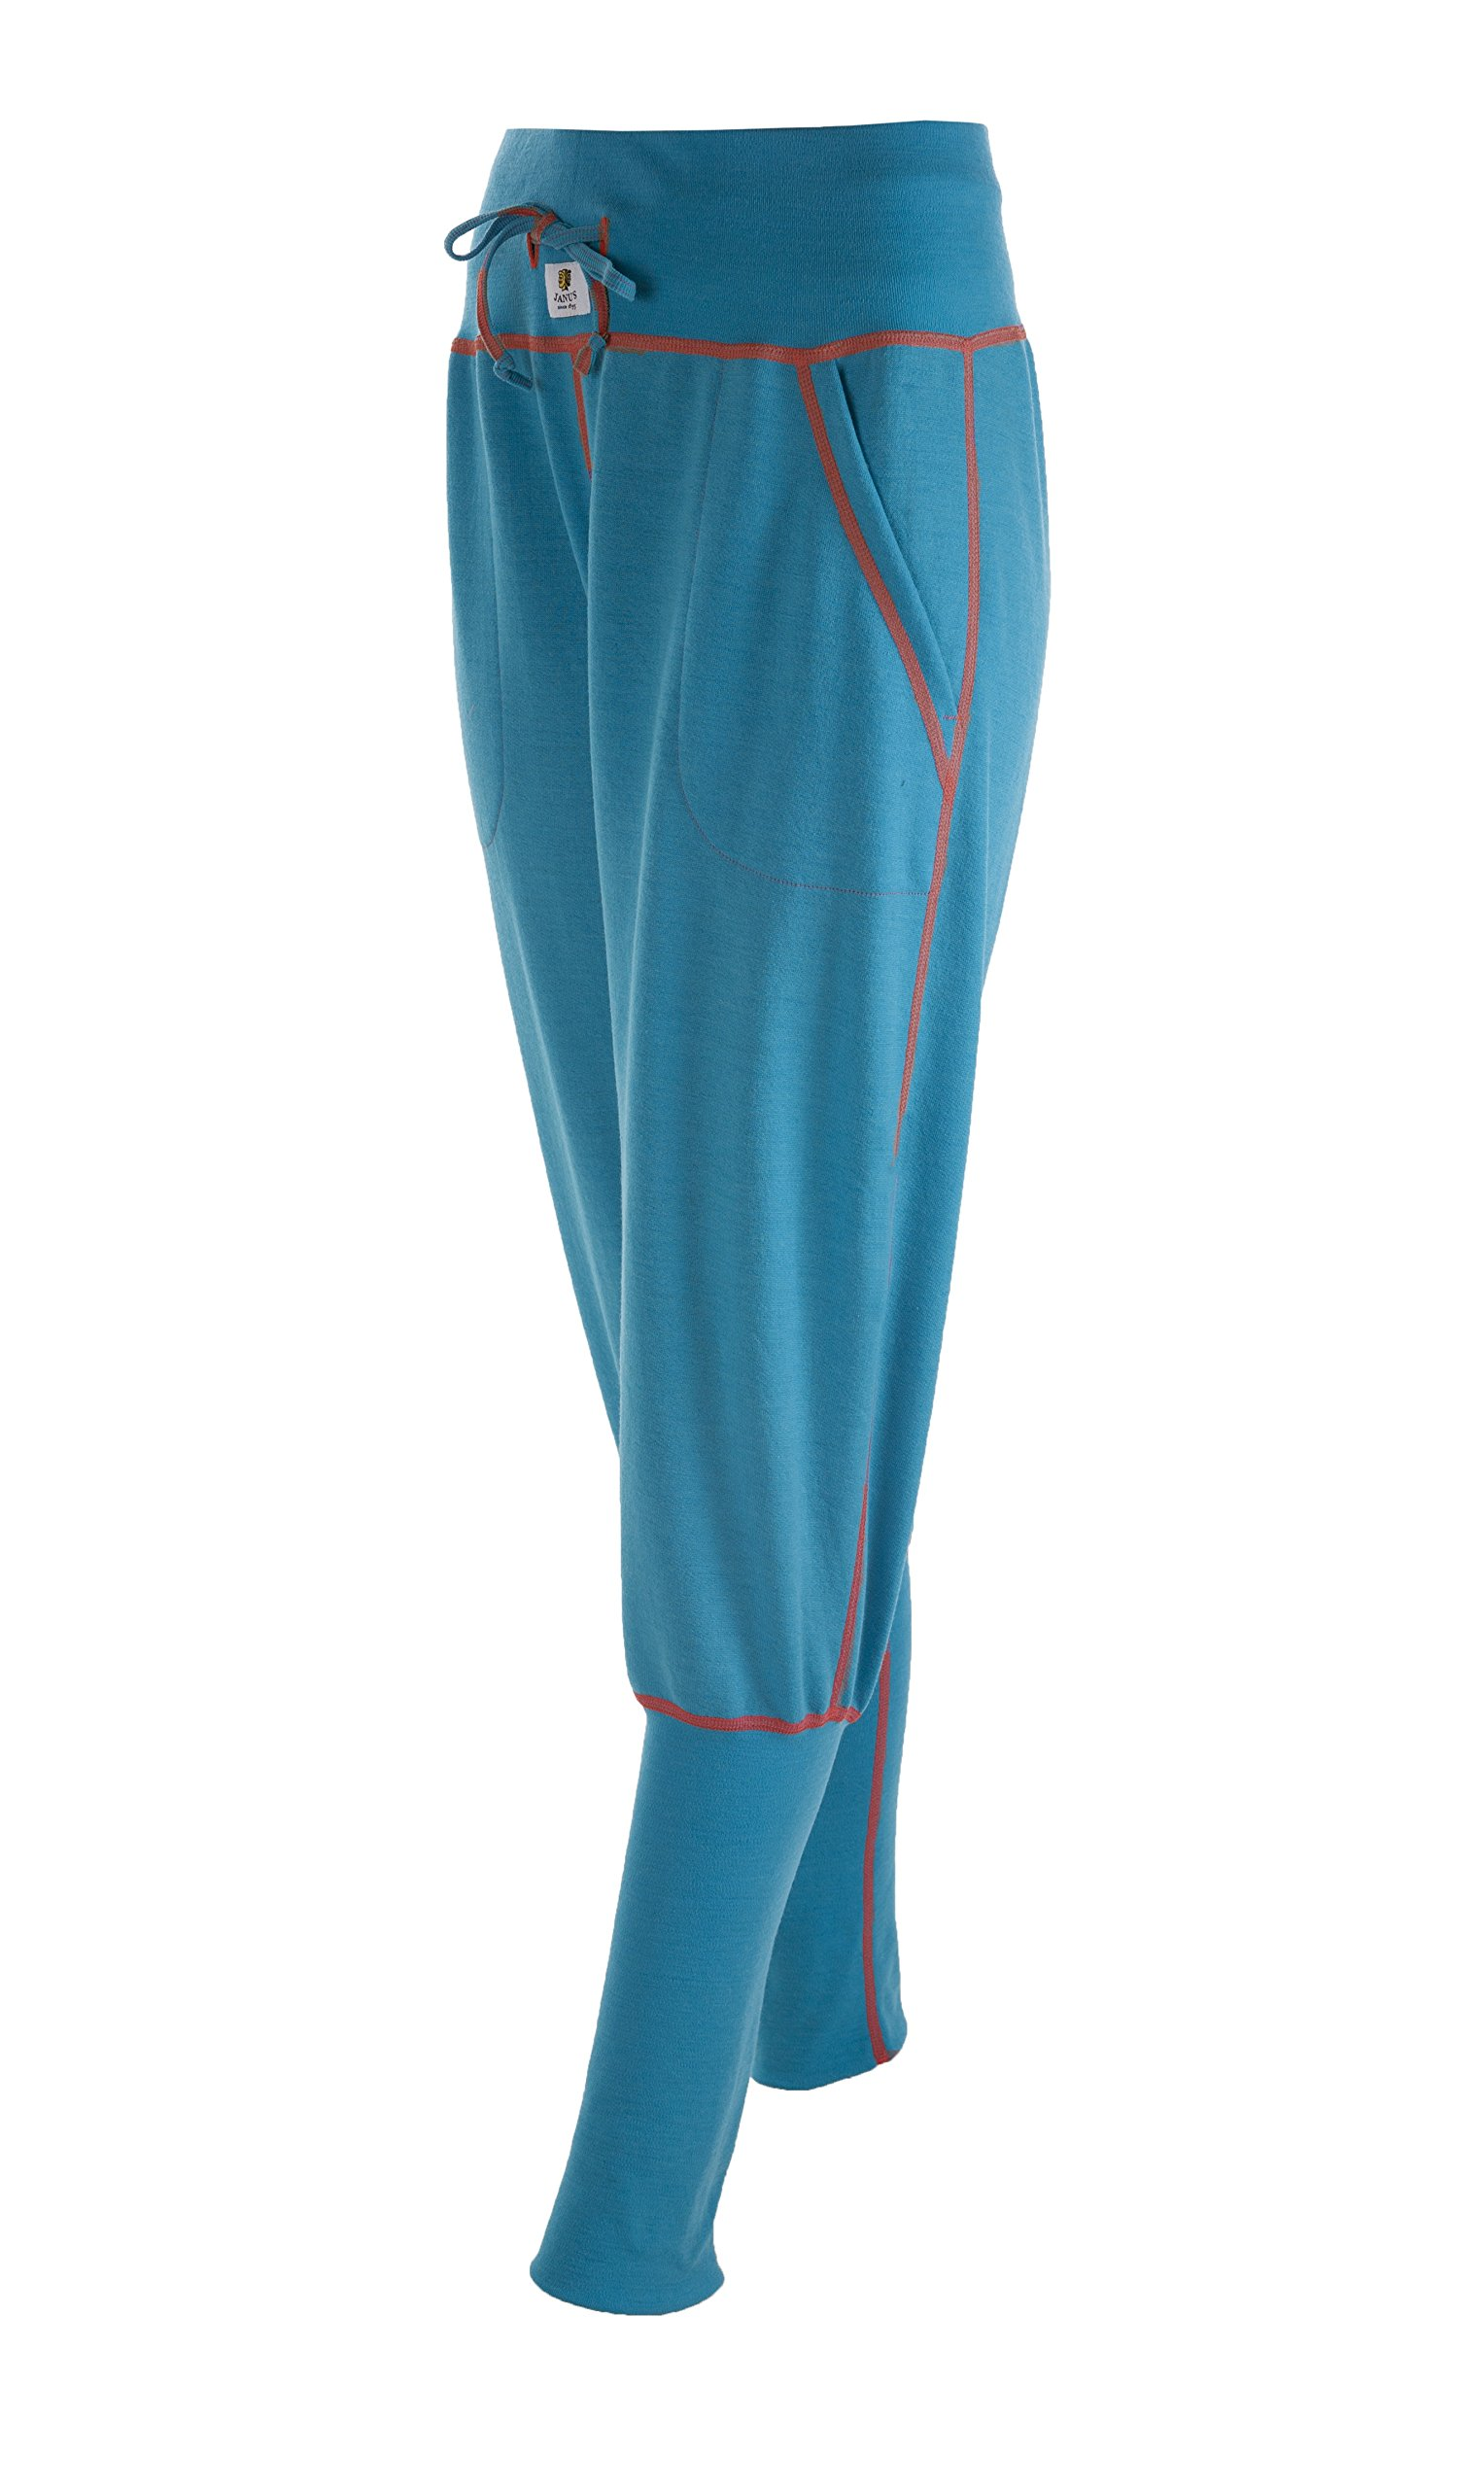 Janus 100% Merino Wool Women's Pants Machine Washable Made in Norway (X-Small, Turquoise)